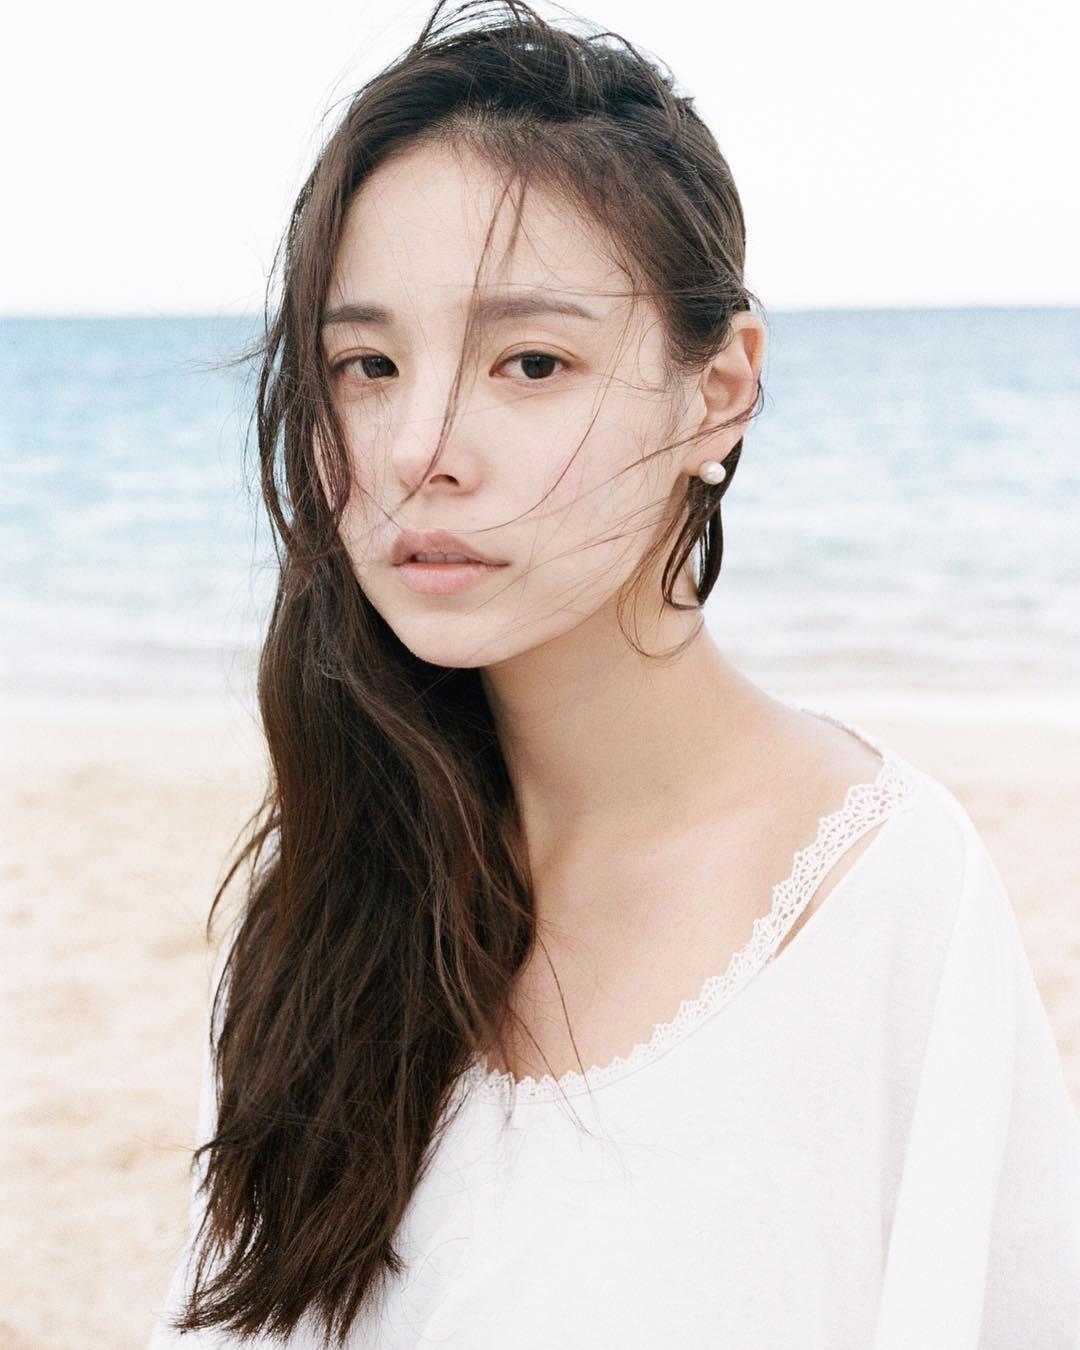 Ngoài nữ hoàng dao kéo Park Min Young, 4 nhan sắc thẩm mỹ này cũng được khen hết lời vì nhìn tự nhiên - Ảnh 9.